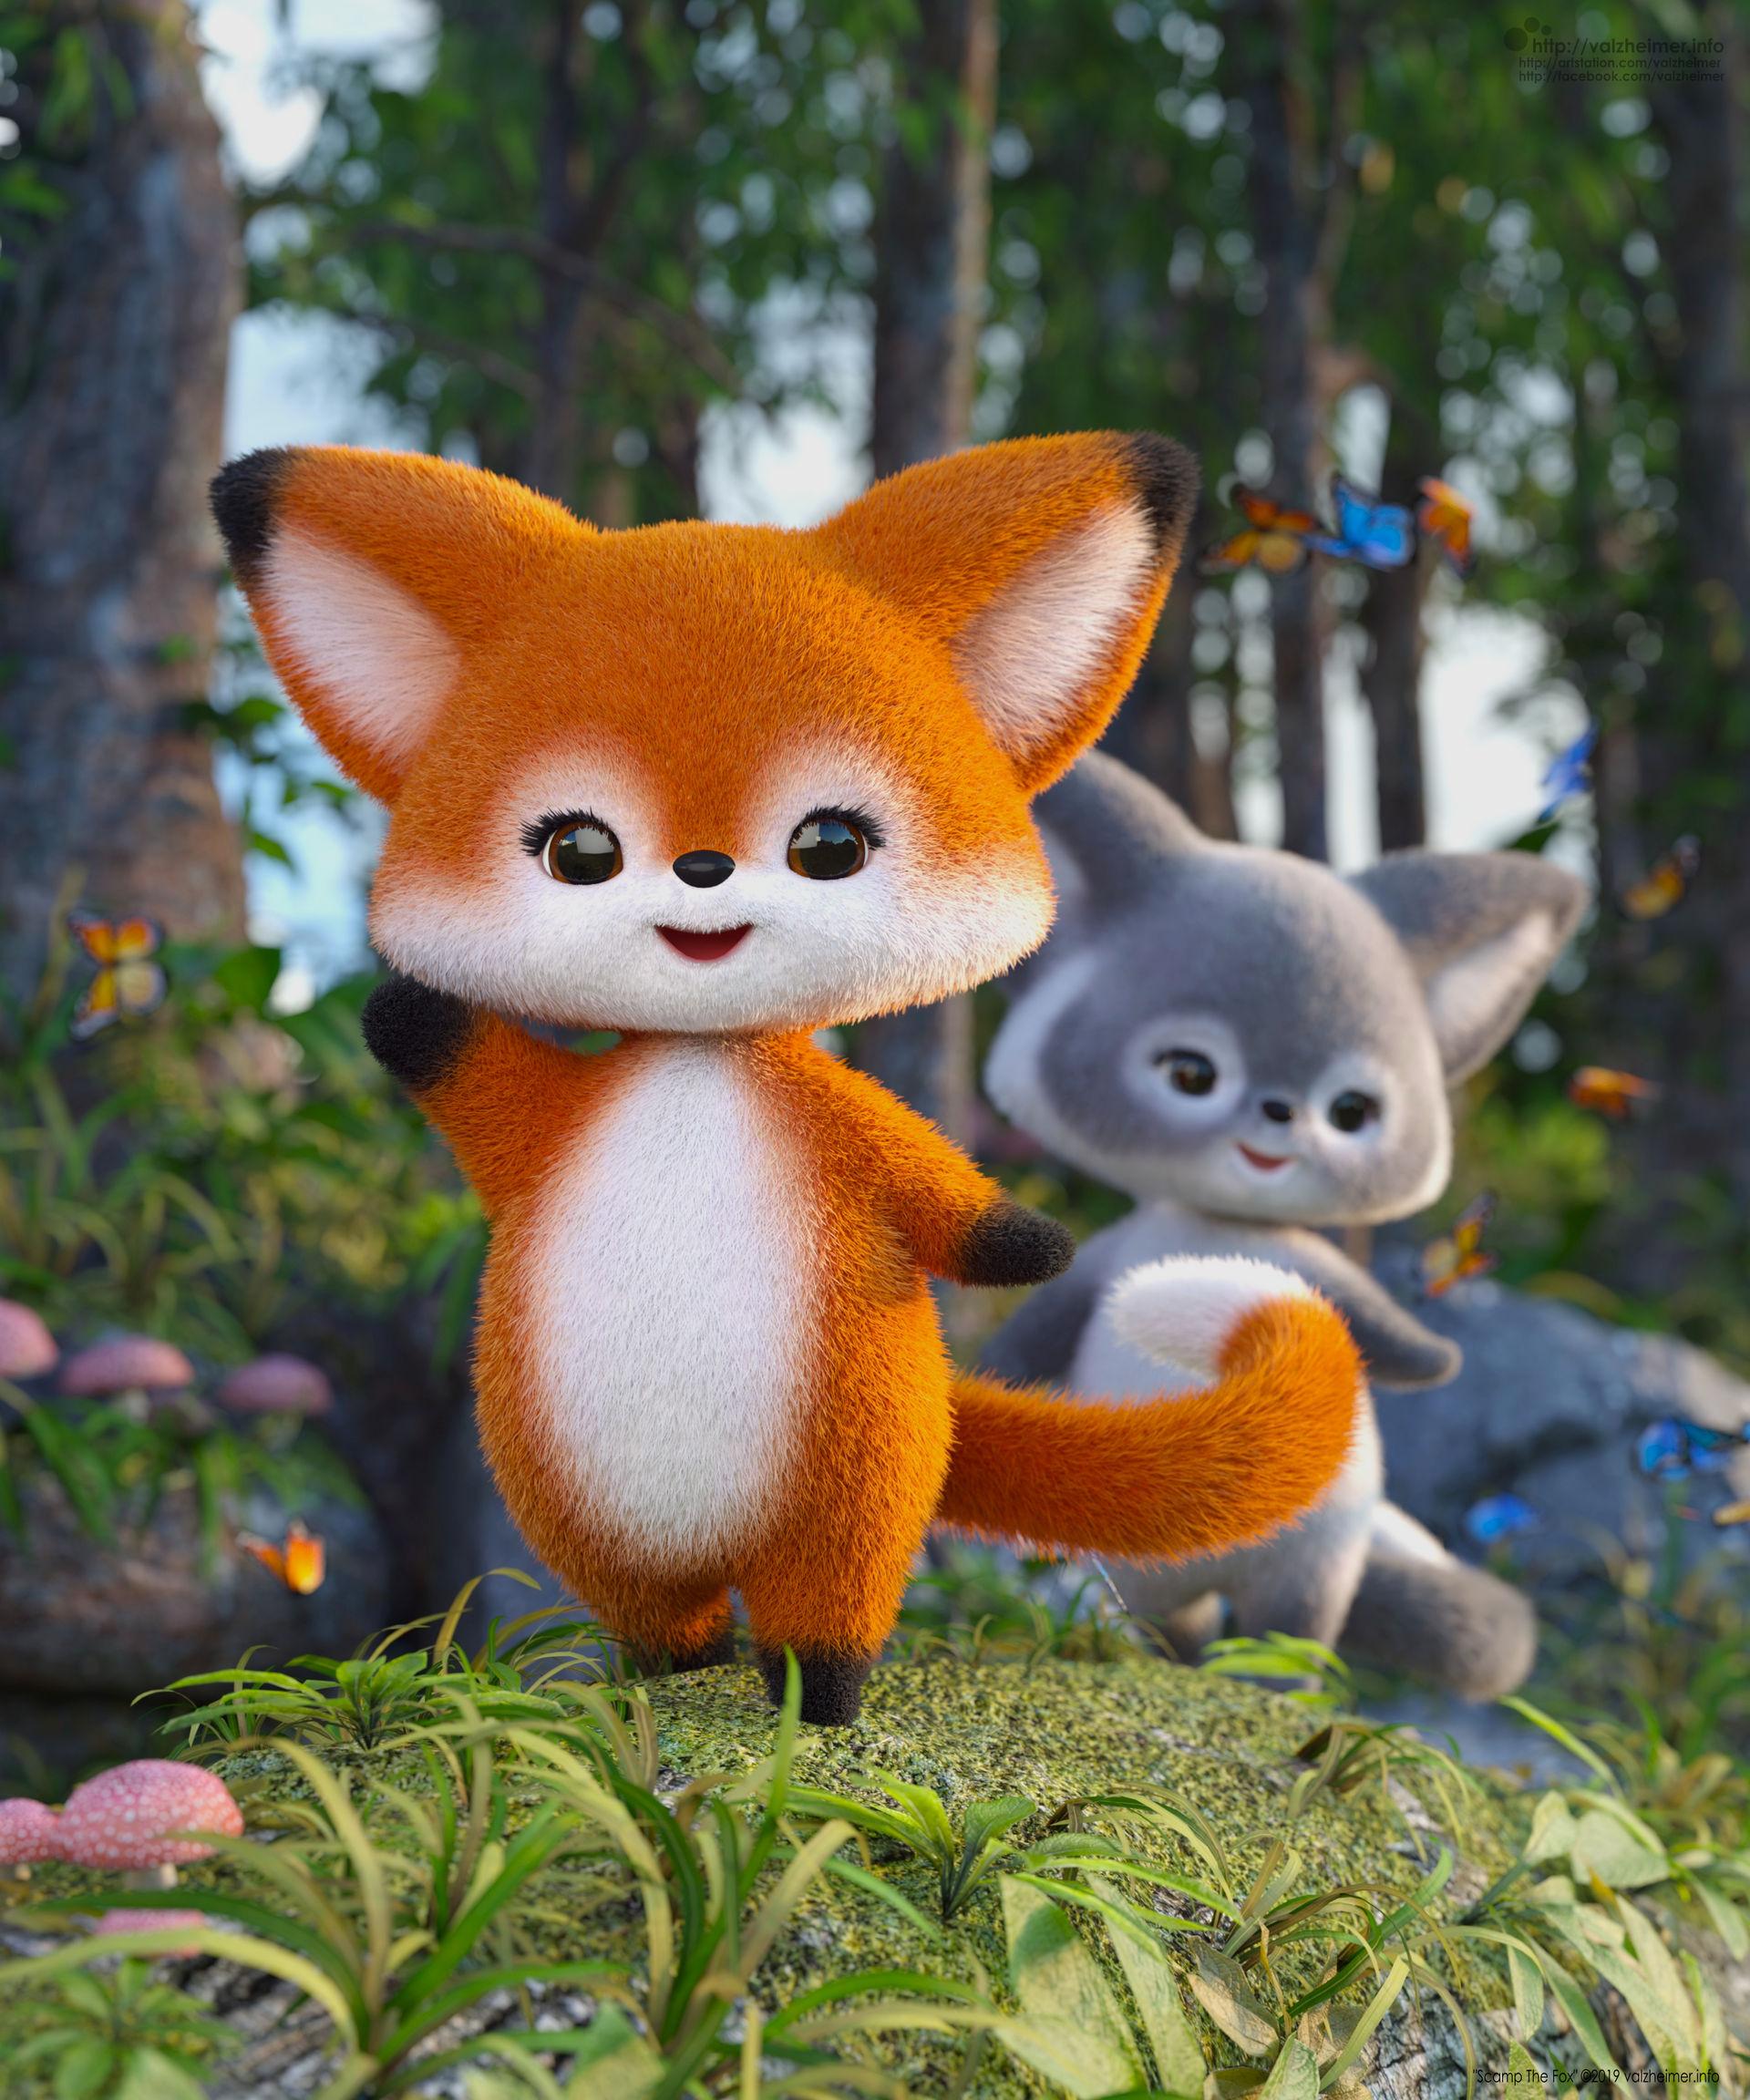 VA2019: Scamp The Fox - Hello (Promo)